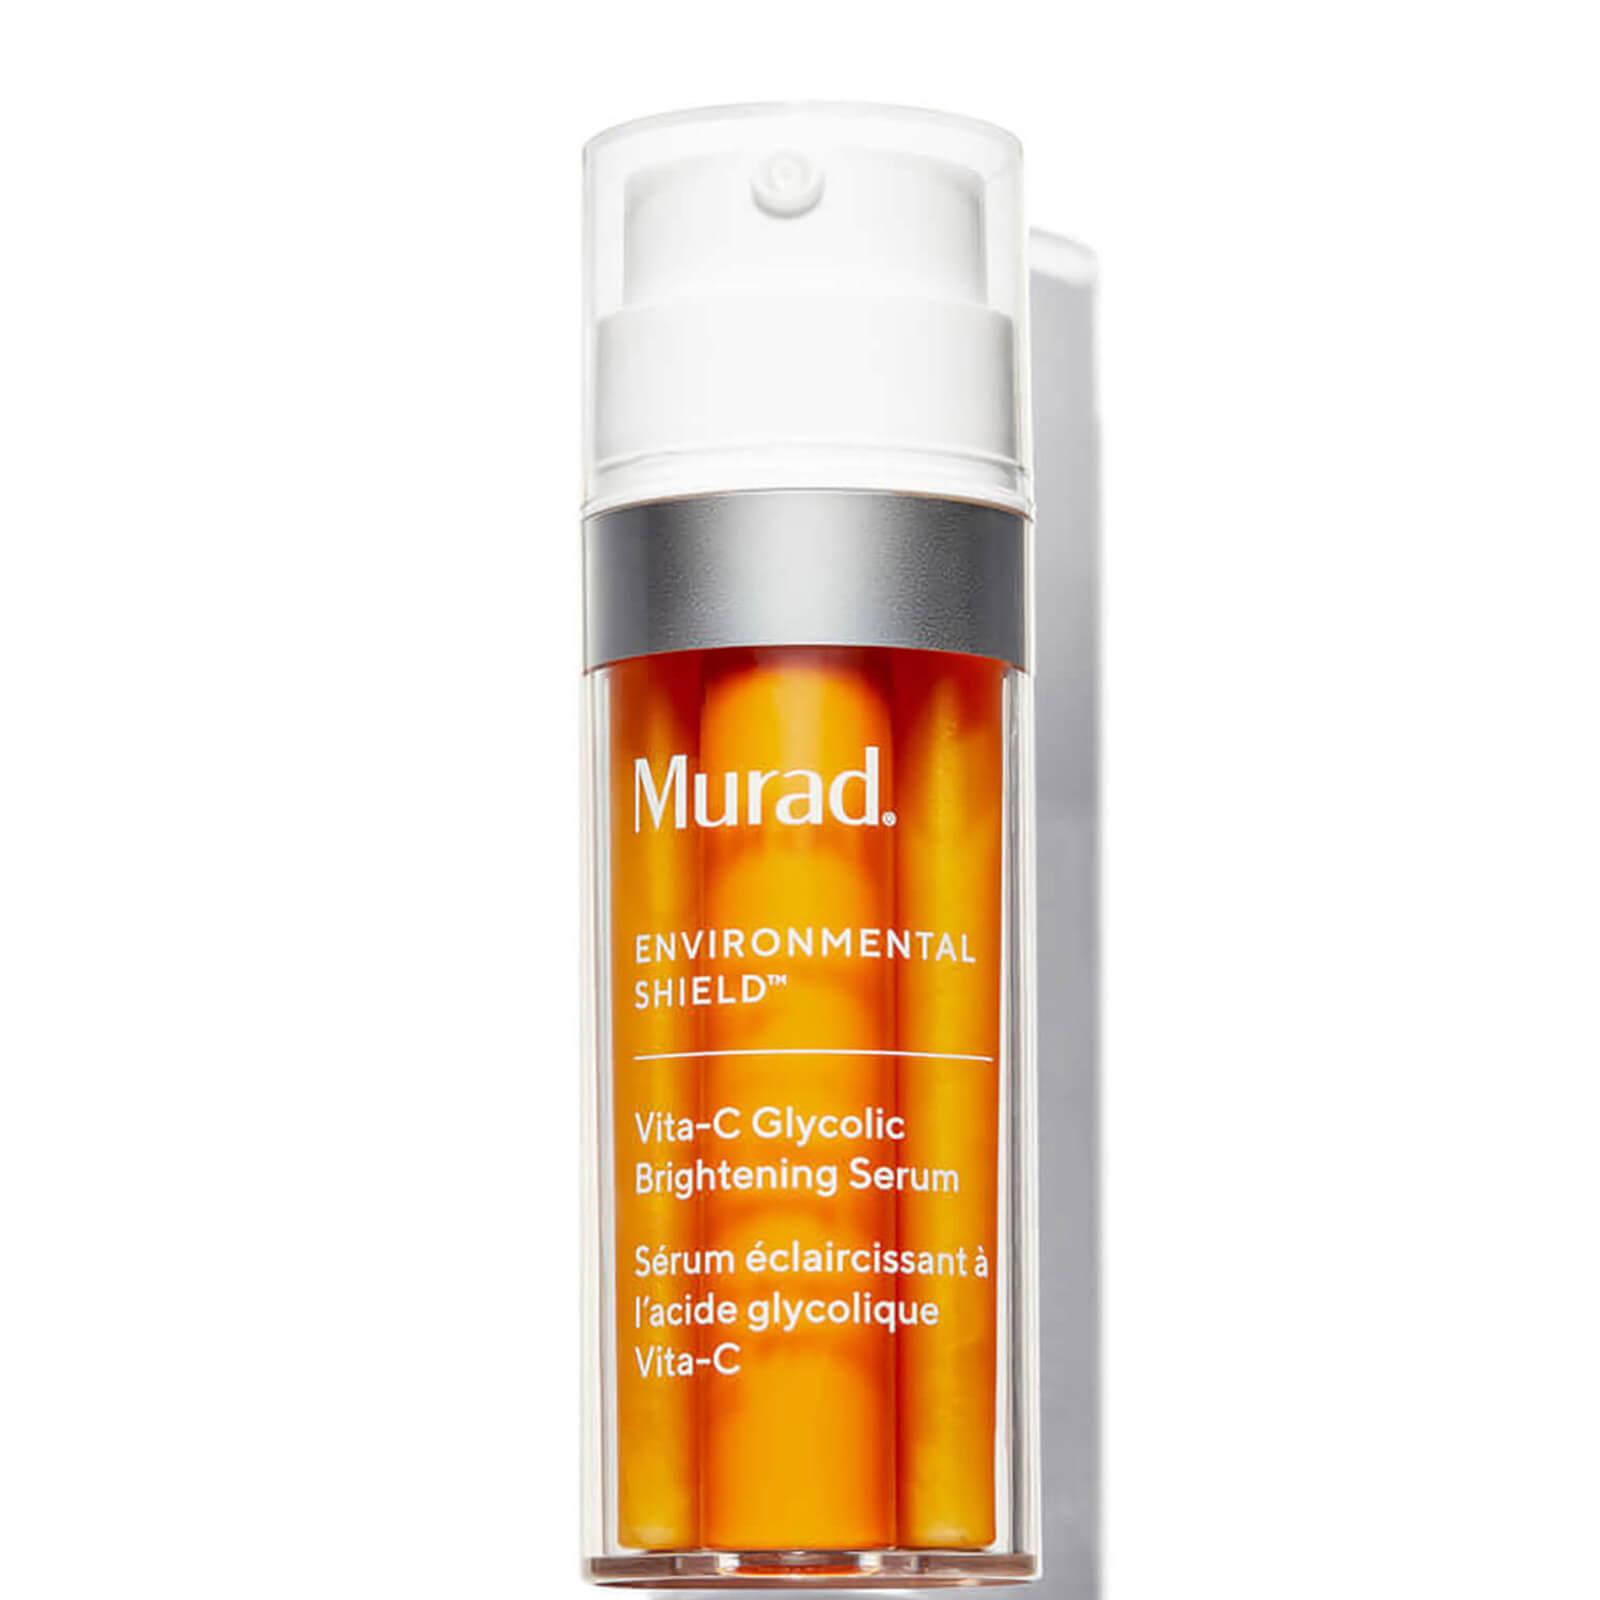 Murad Vita-C Glycolic Brightening Serum 30ml